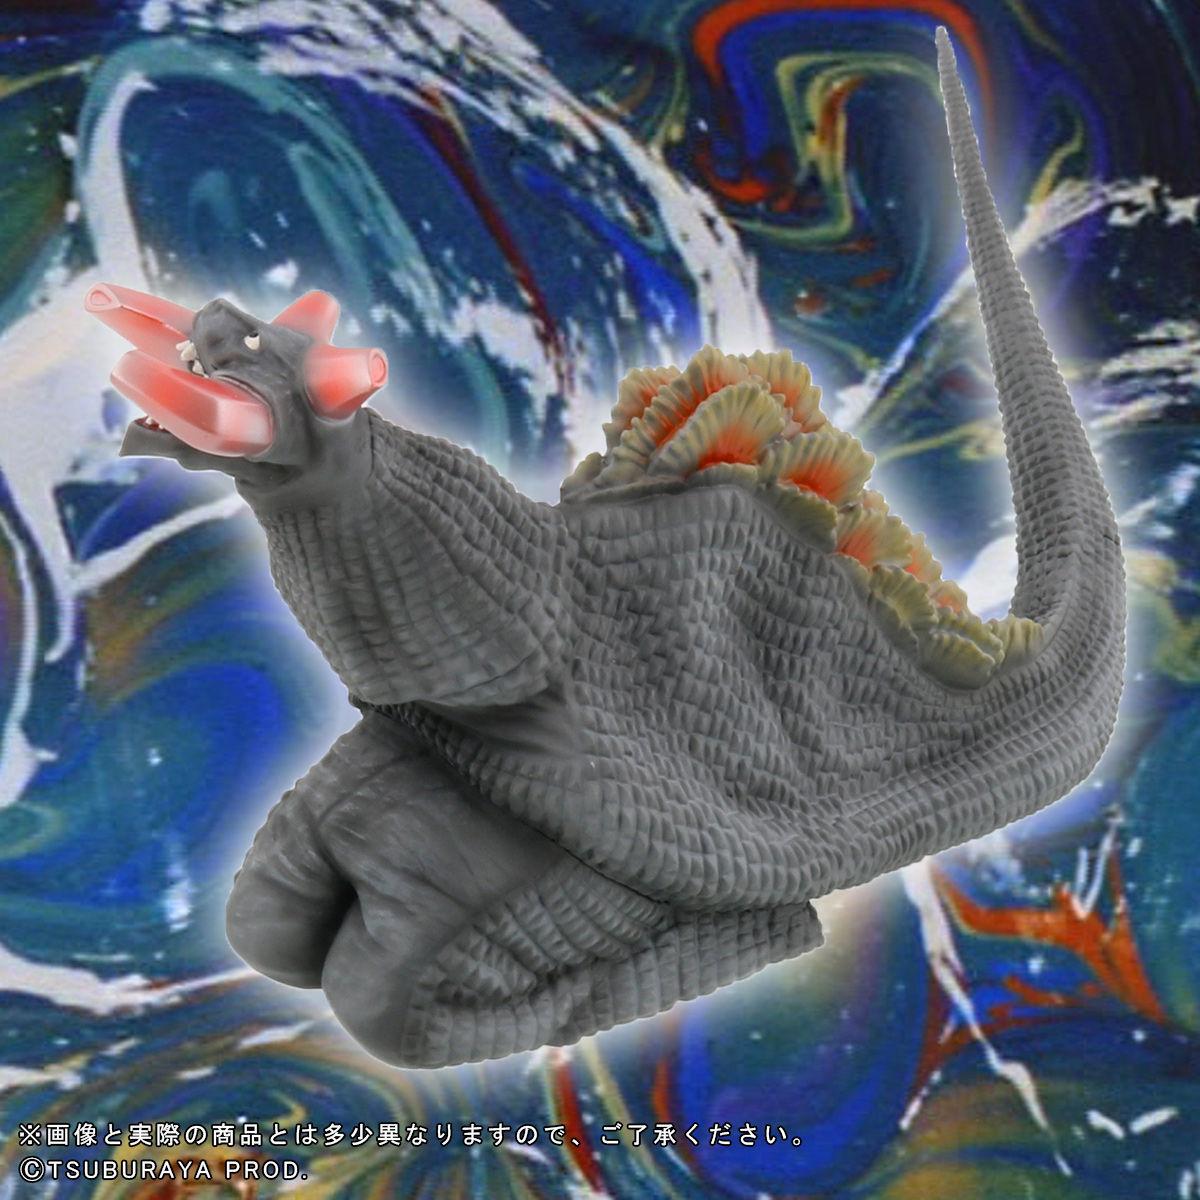 【限定販売】ウルトラ大怪獣シリーズ5000『ビーコン/ギラドラス』完成品フィギュア-008